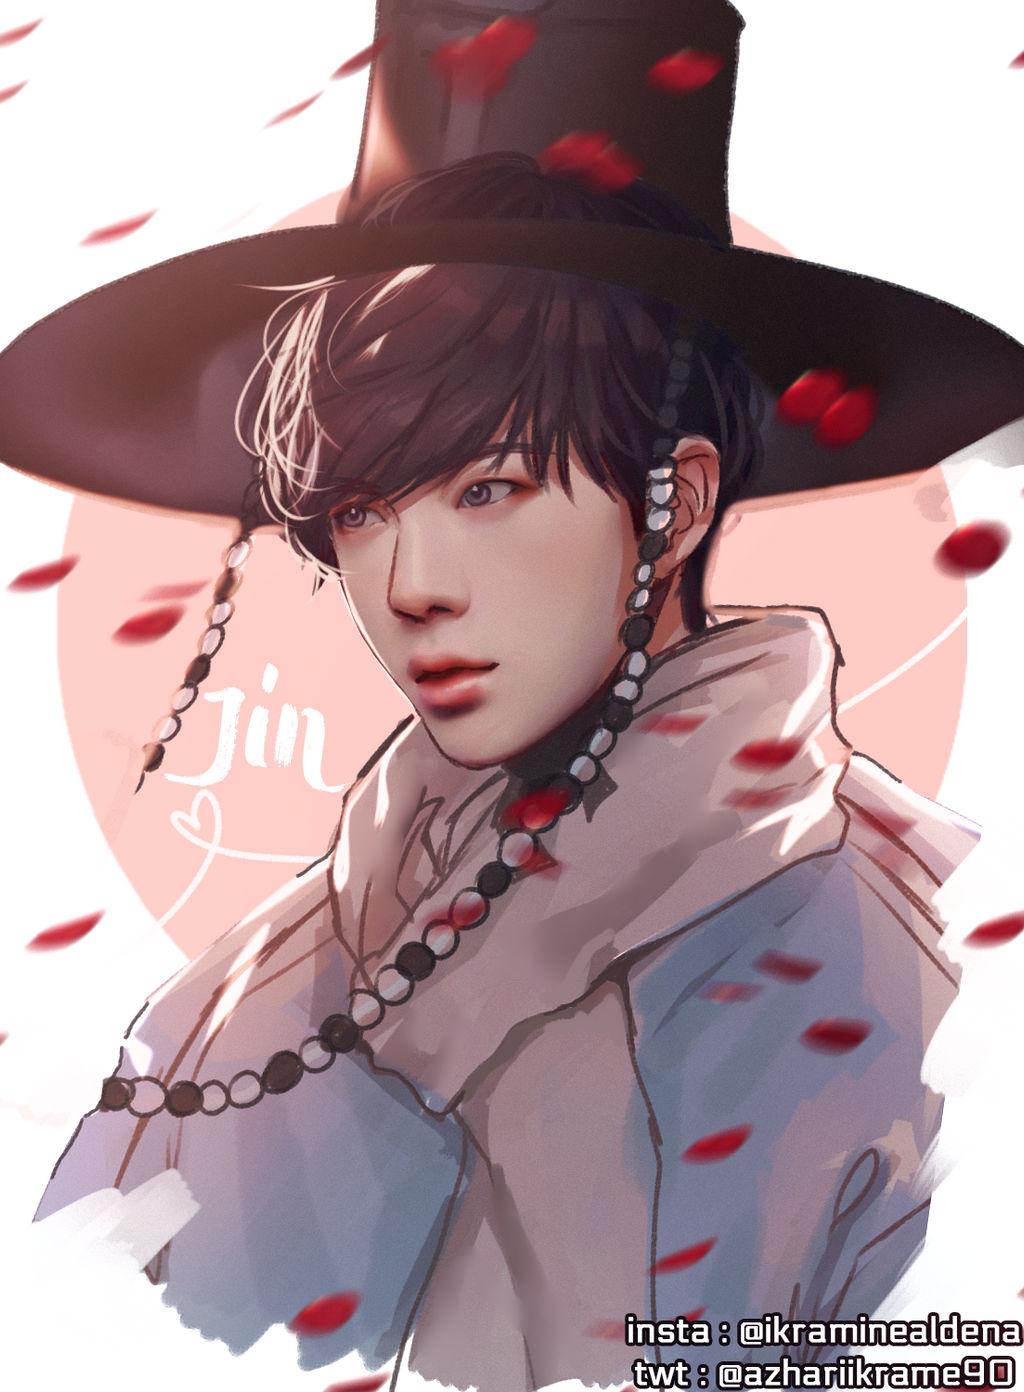 Bts Kim Seokjin Jin By Iku Aldena On Deviantart